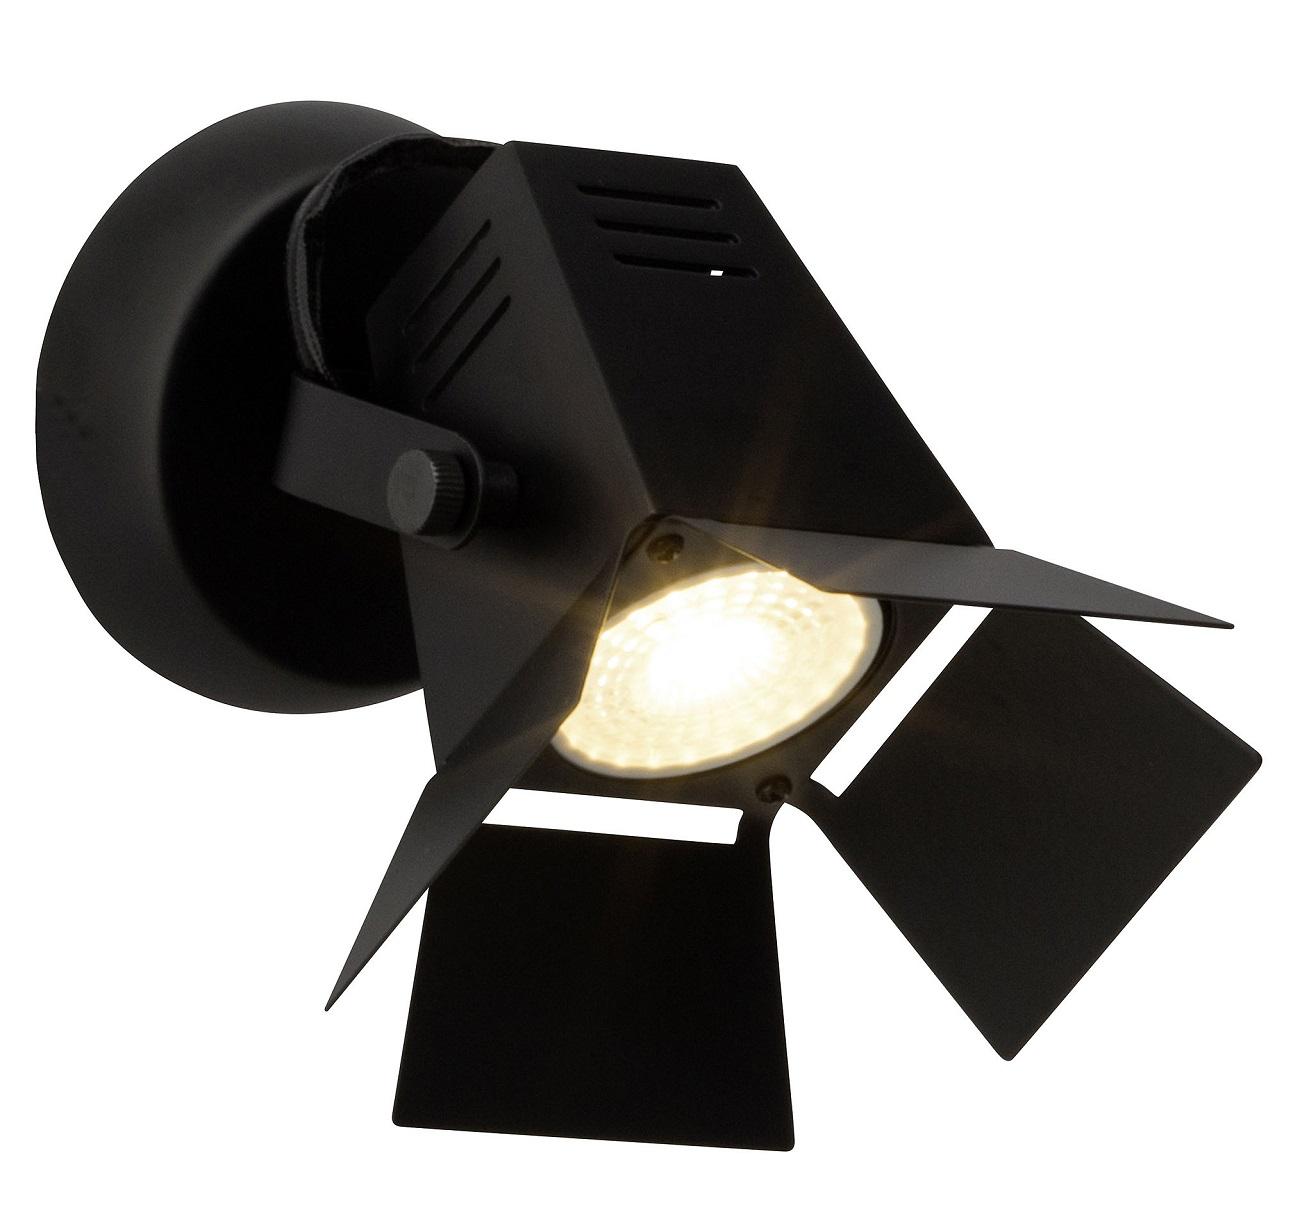 Wandlamp Move 1xGU10 max 5Watt in mat zwart